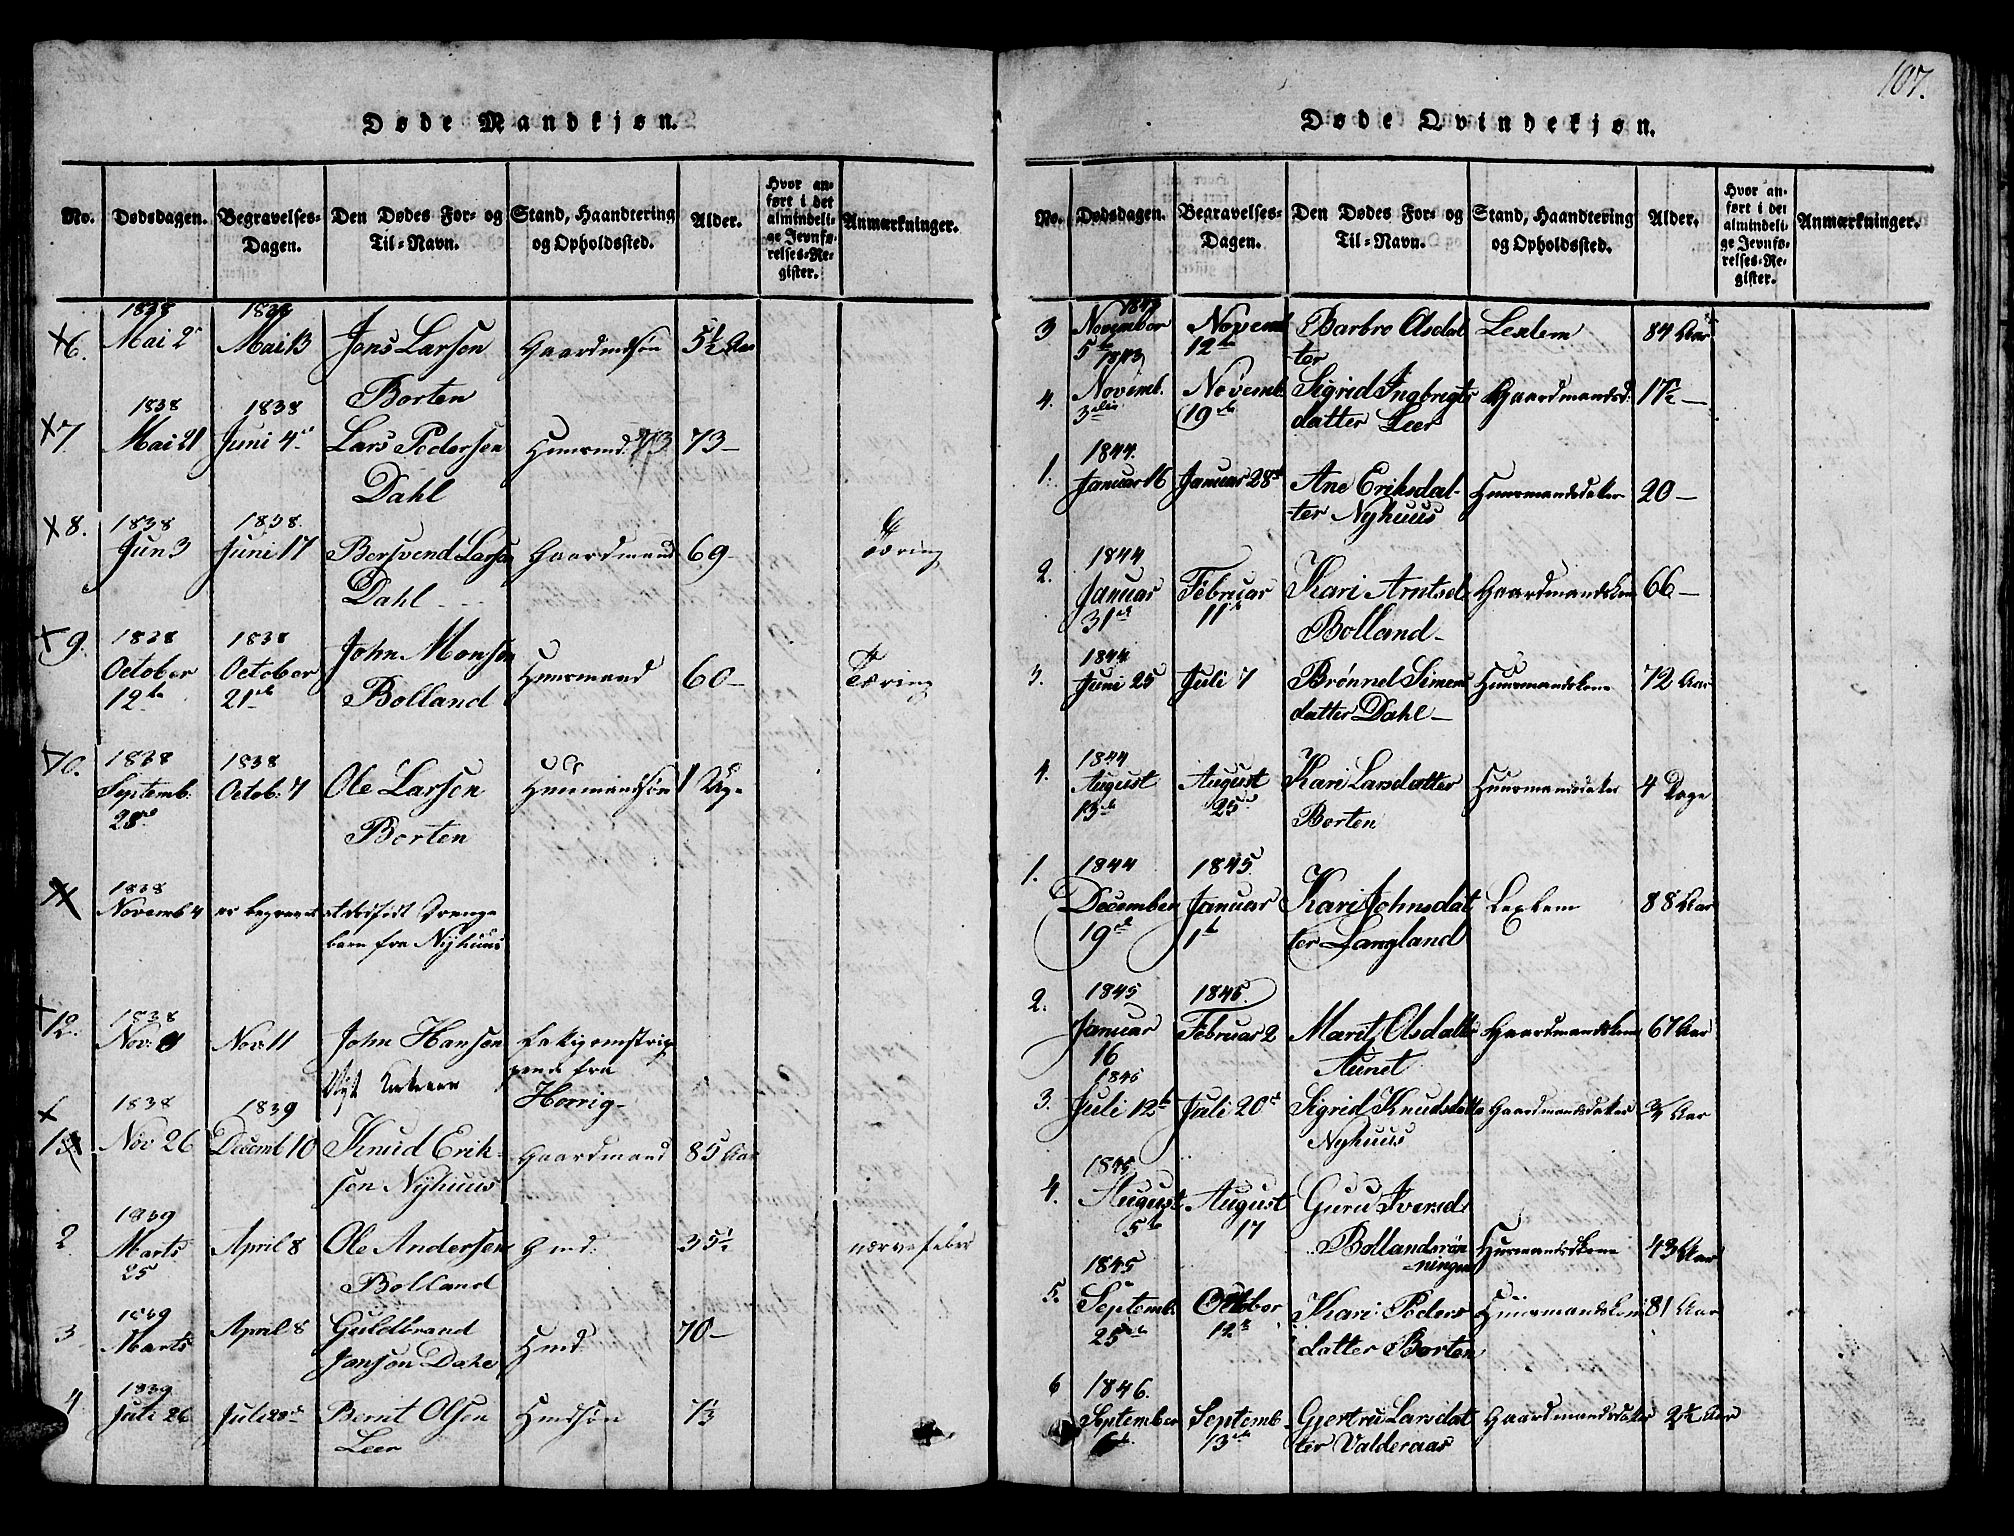 SAT, Ministerialprotokoller, klokkerbøker og fødselsregistre - Sør-Trøndelag, 693/L1121: Klokkerbok nr. 693C02, 1816-1869, s. 107